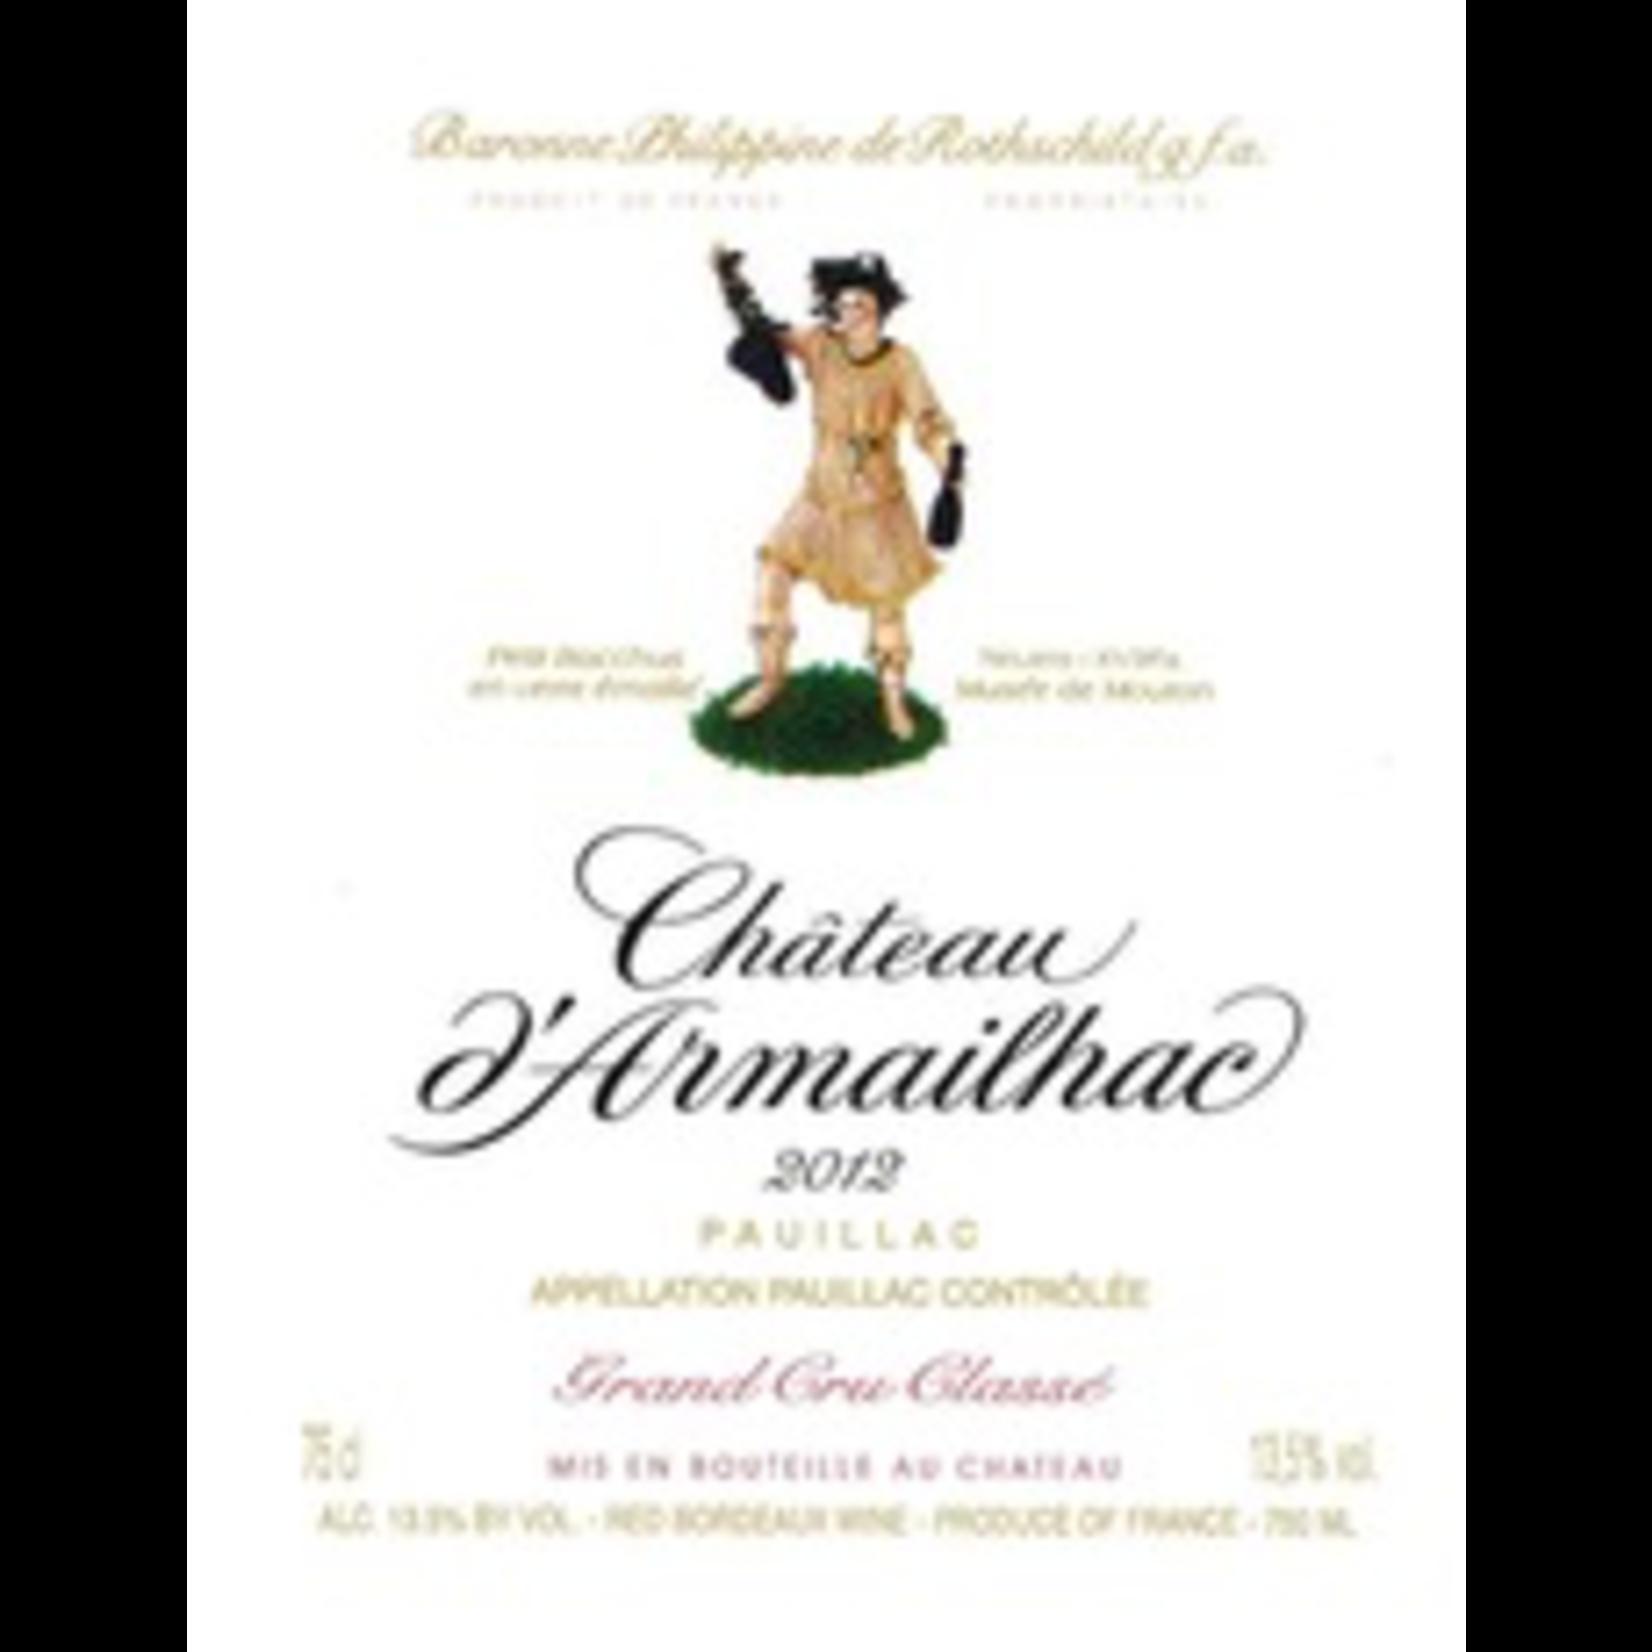 Wine Chateau d'Armailhac 2012